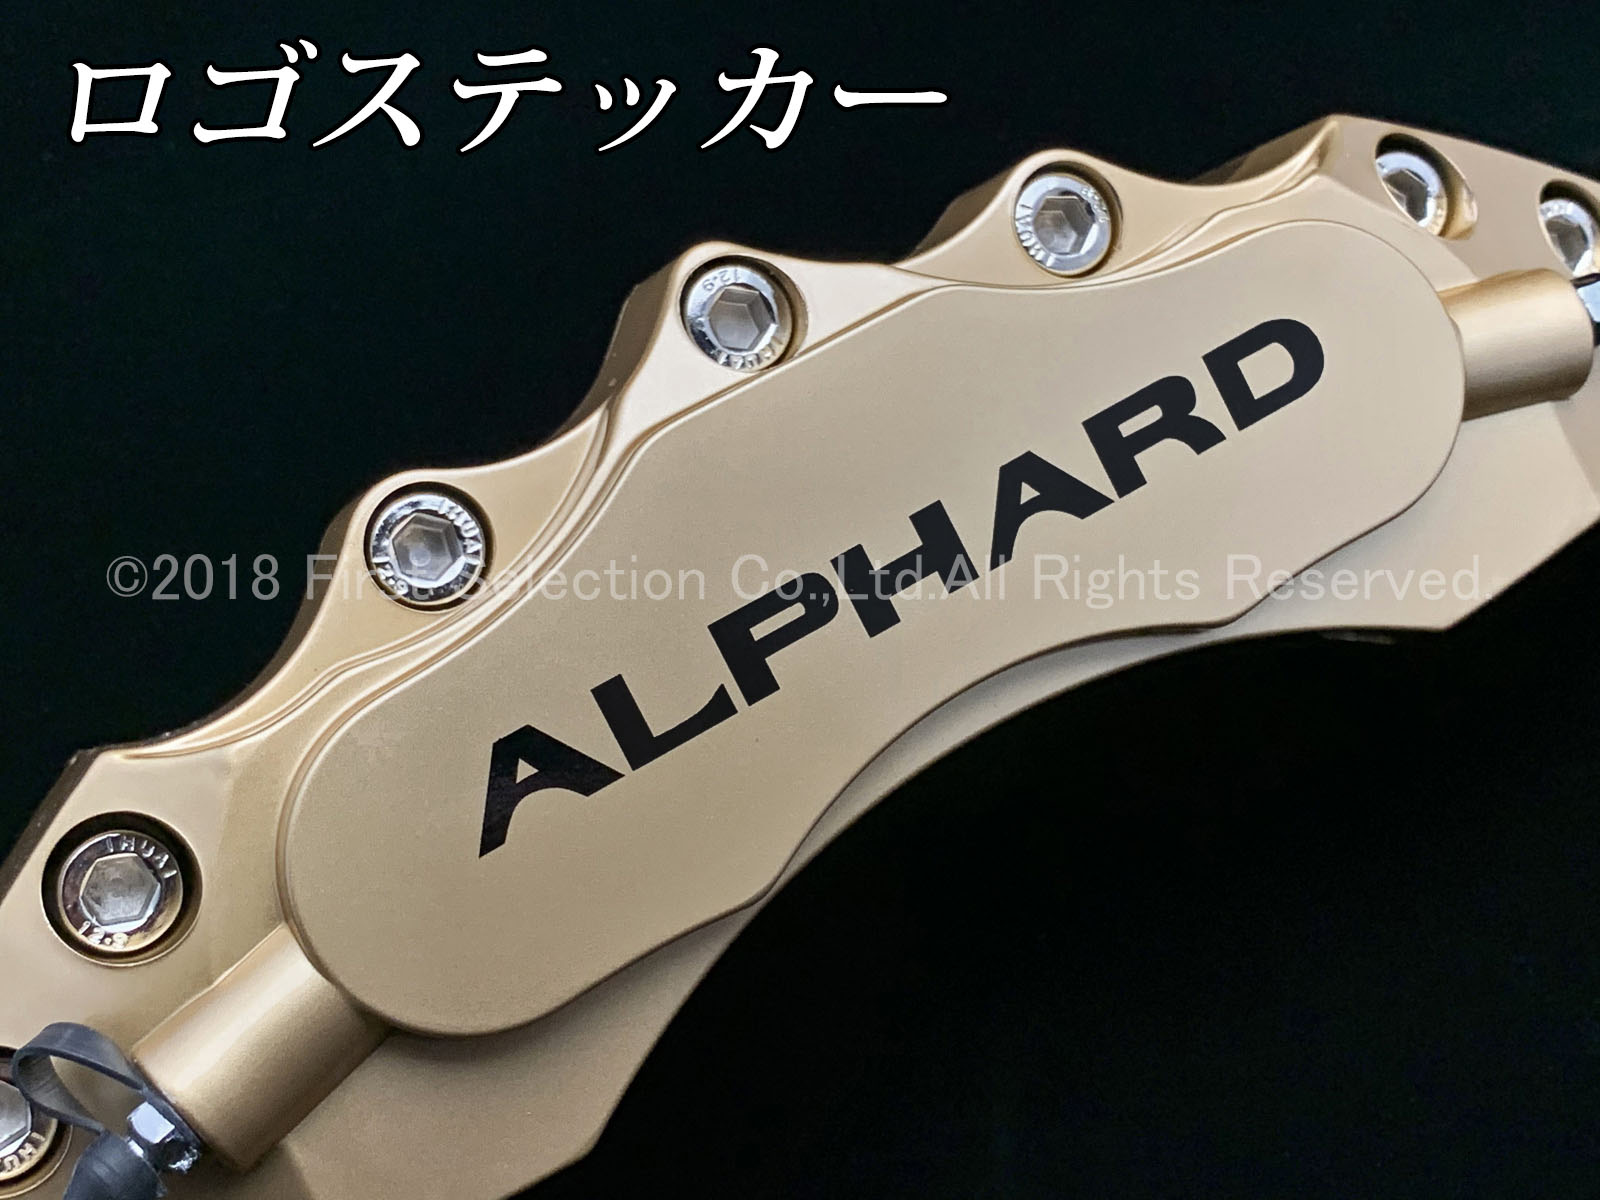 トヨタ車アルファード ALPHARDロゴ黒文字 汎用高品質キャリパーカバー L/Mサイズセット 金 ゴールド